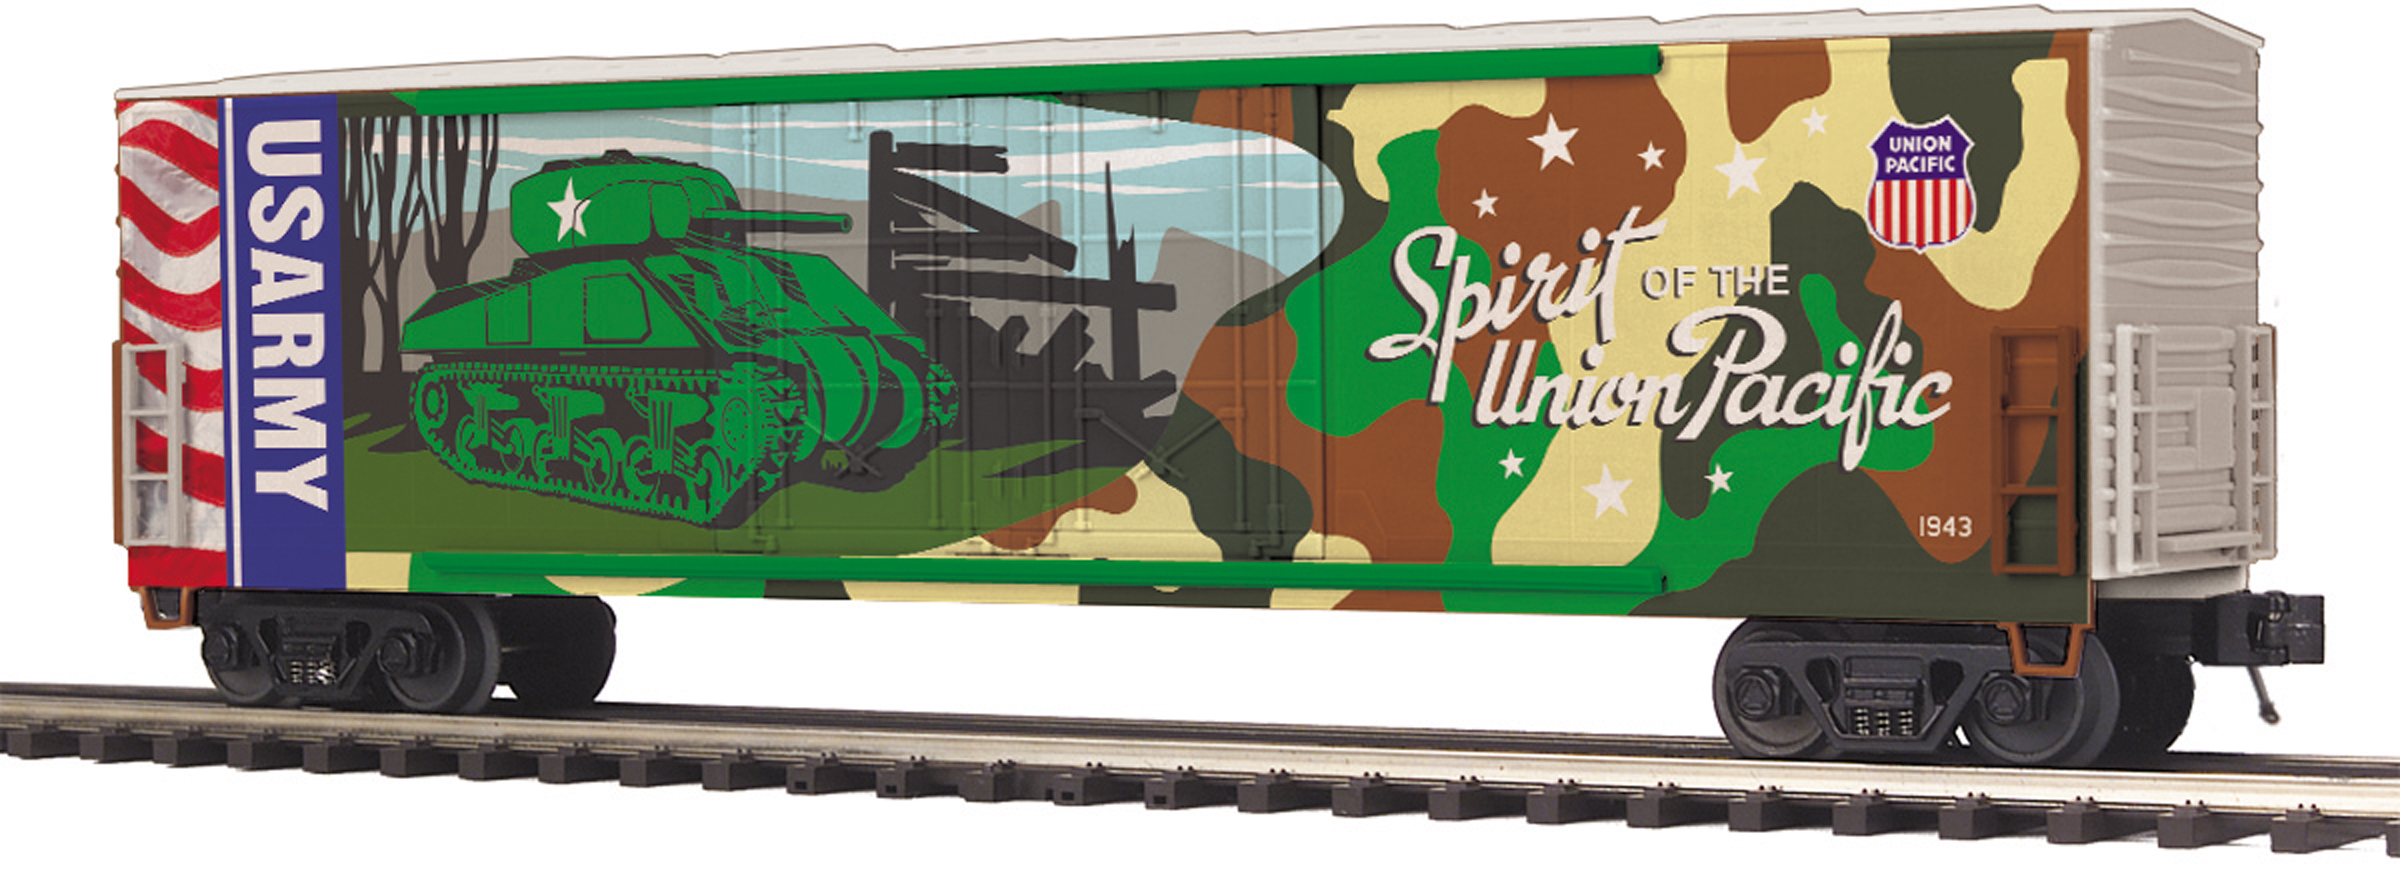 MTH 20-93757 50' Double Plug Door Boxcar 3 Rail Premier Union Pacific